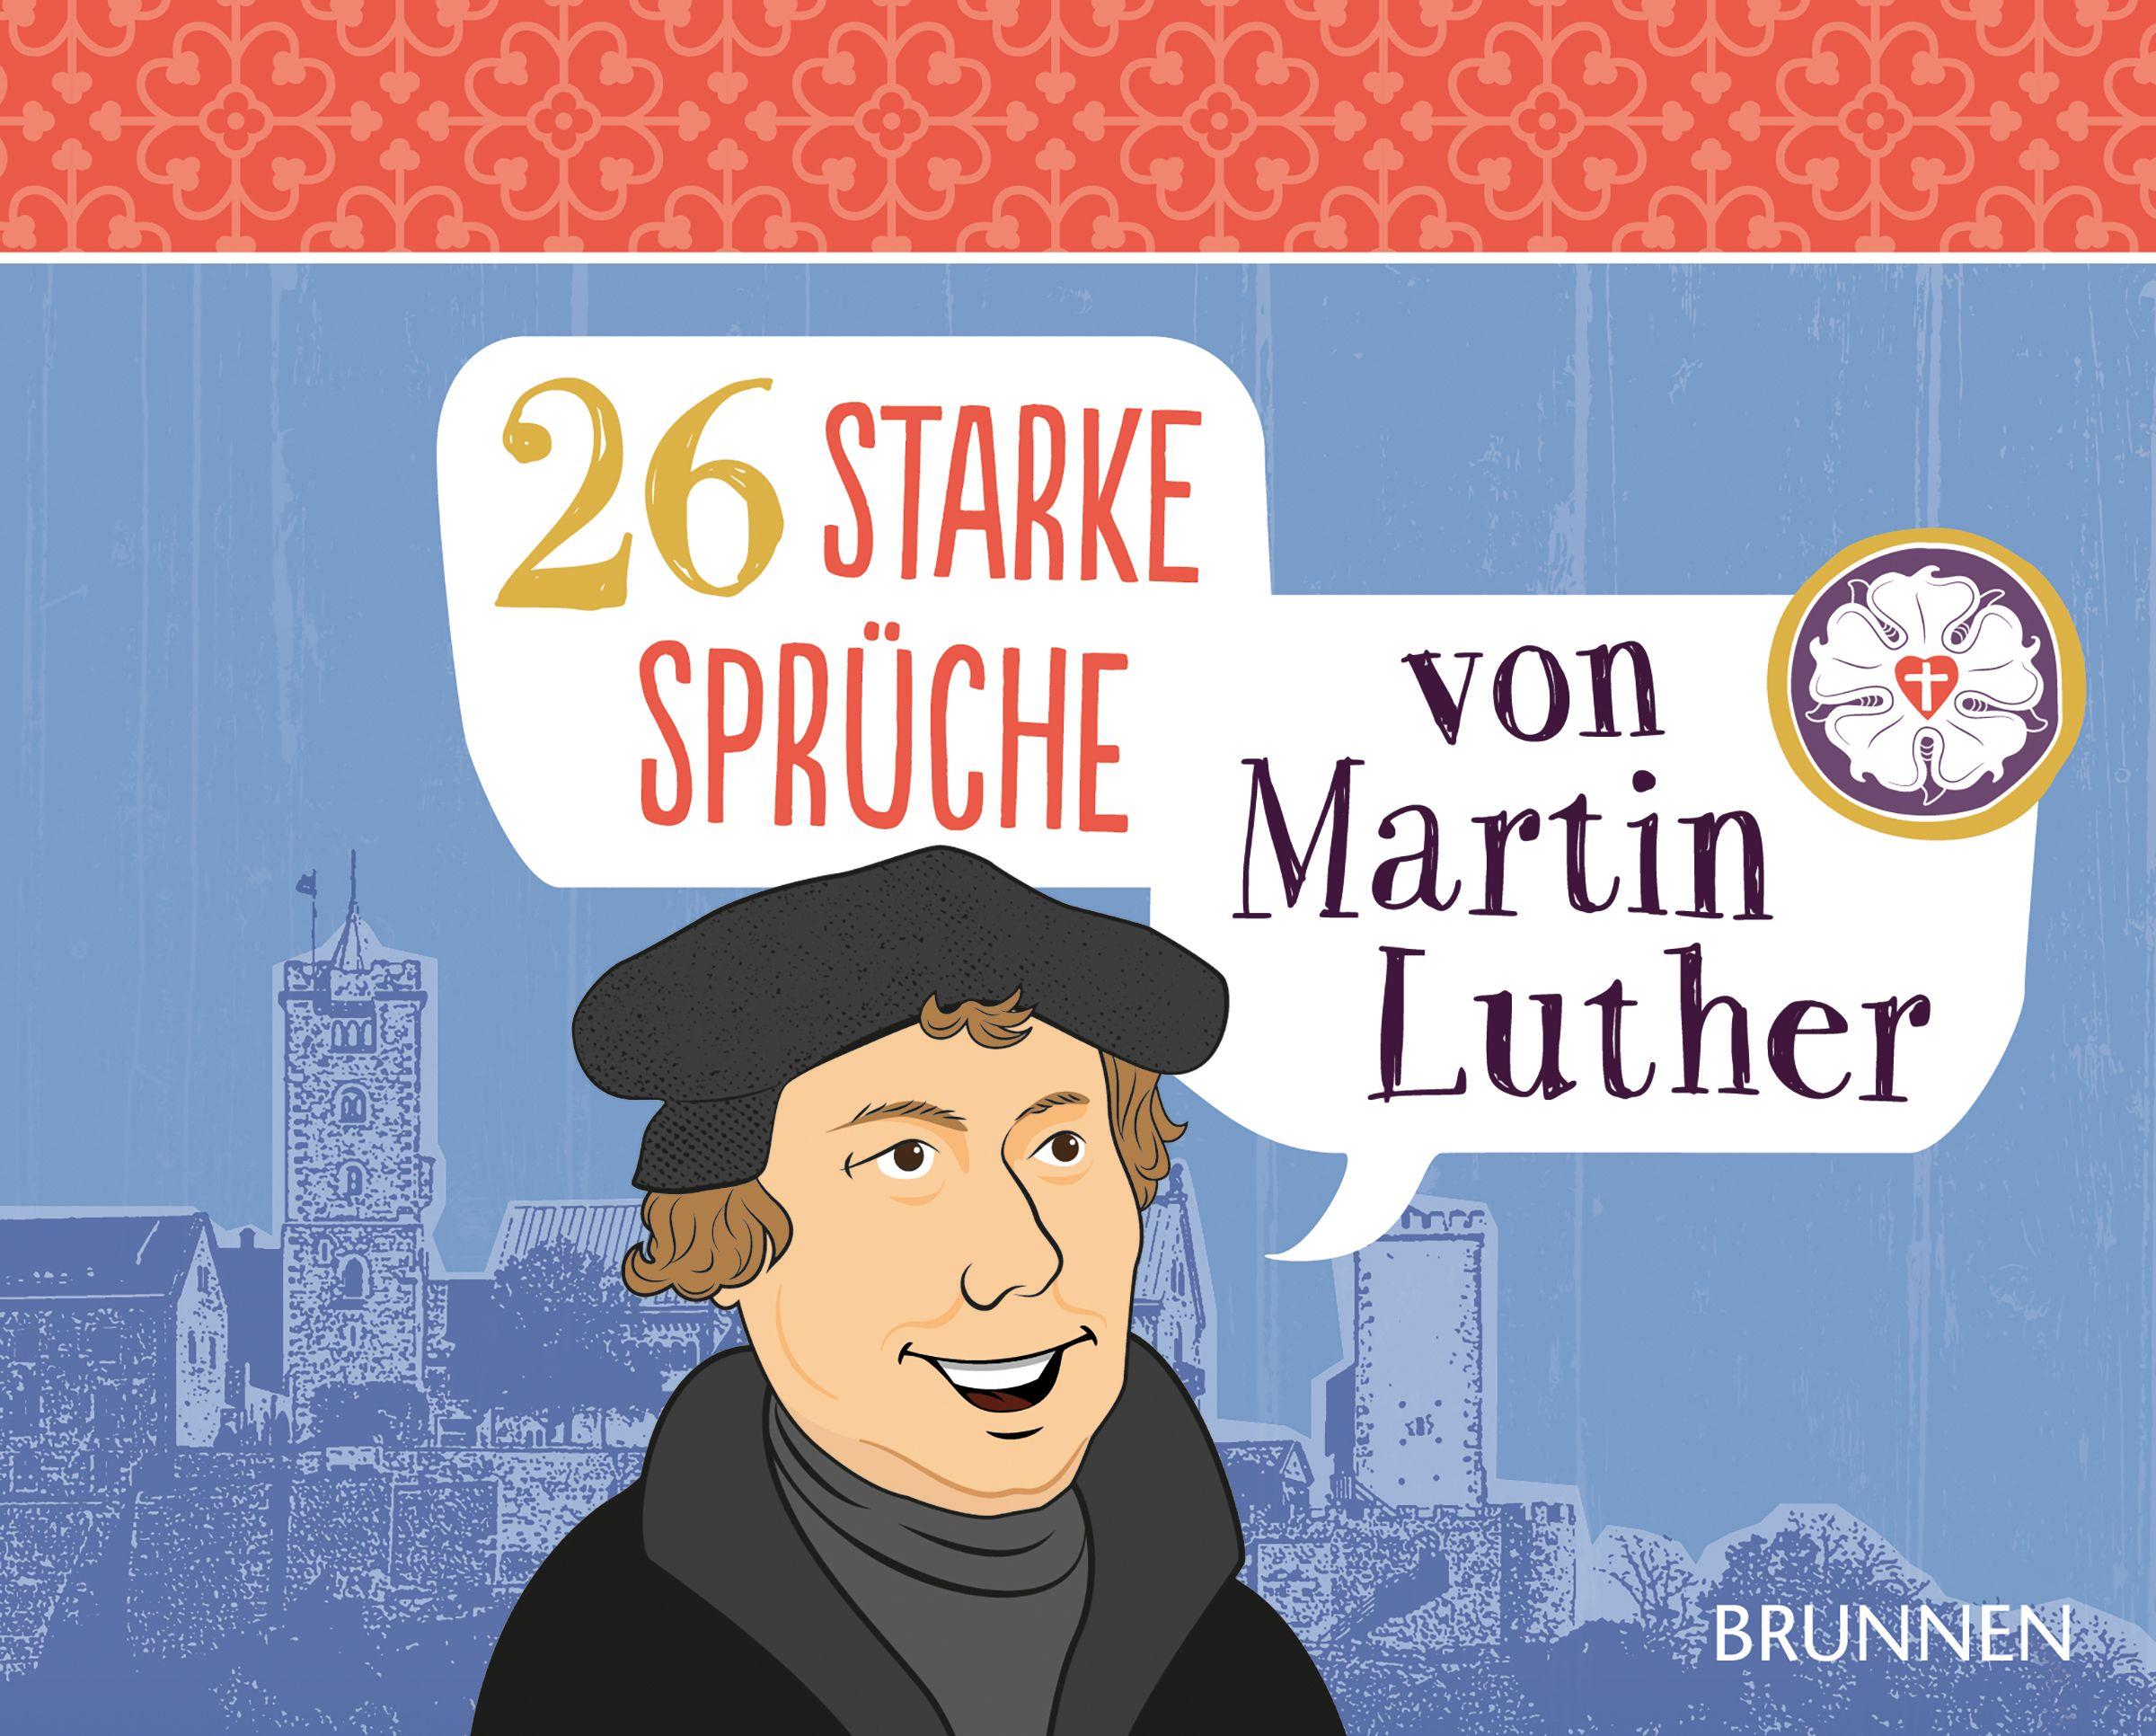 Briefe Von Luther : Starke sprüche von martin luther fröse schreer